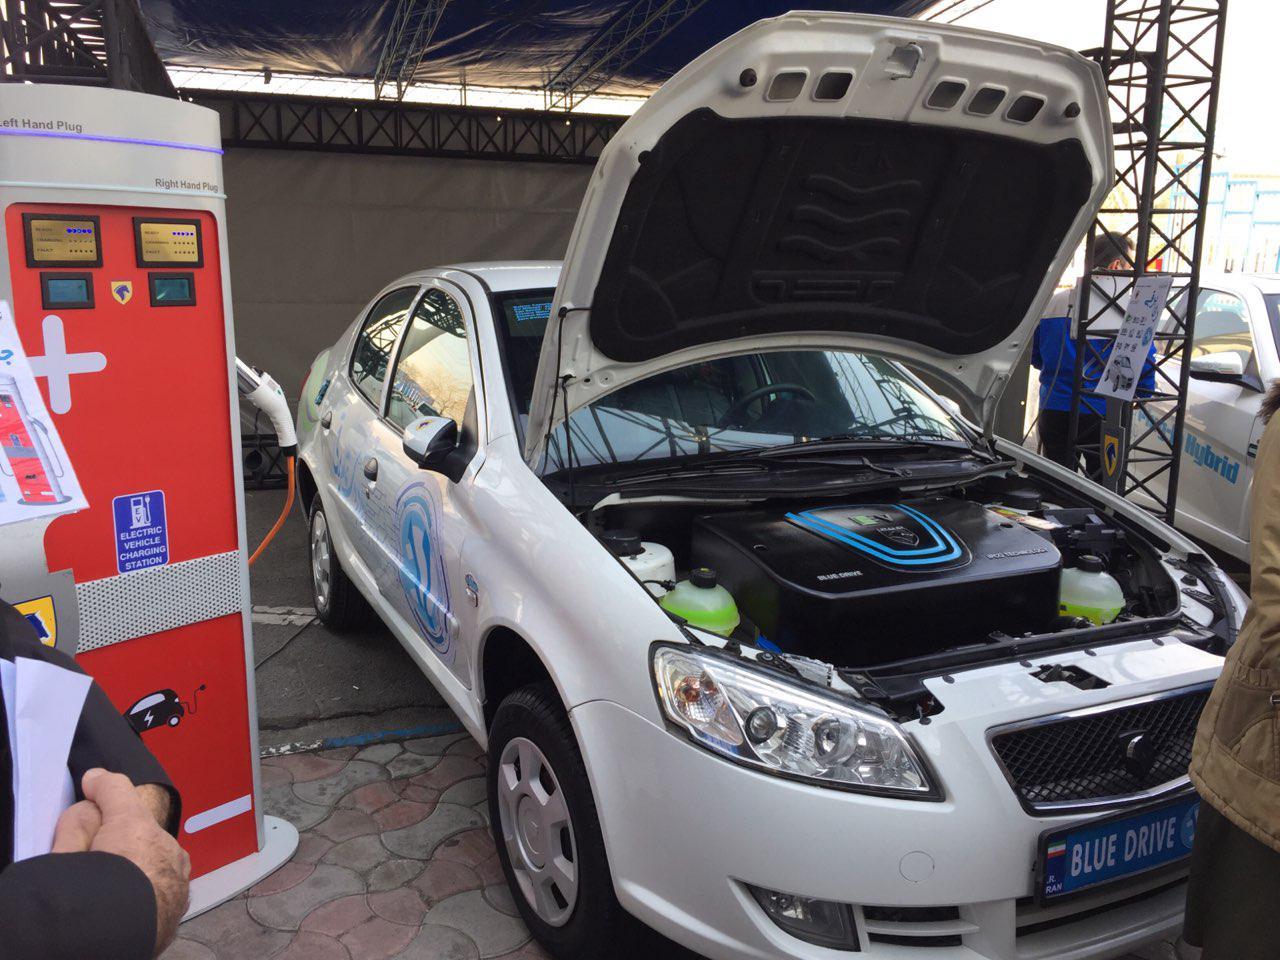 باتریهای فلز هوا ایرانی؛ راهکاری مناسب برای فراگیری استفاده از خودروهای برقی